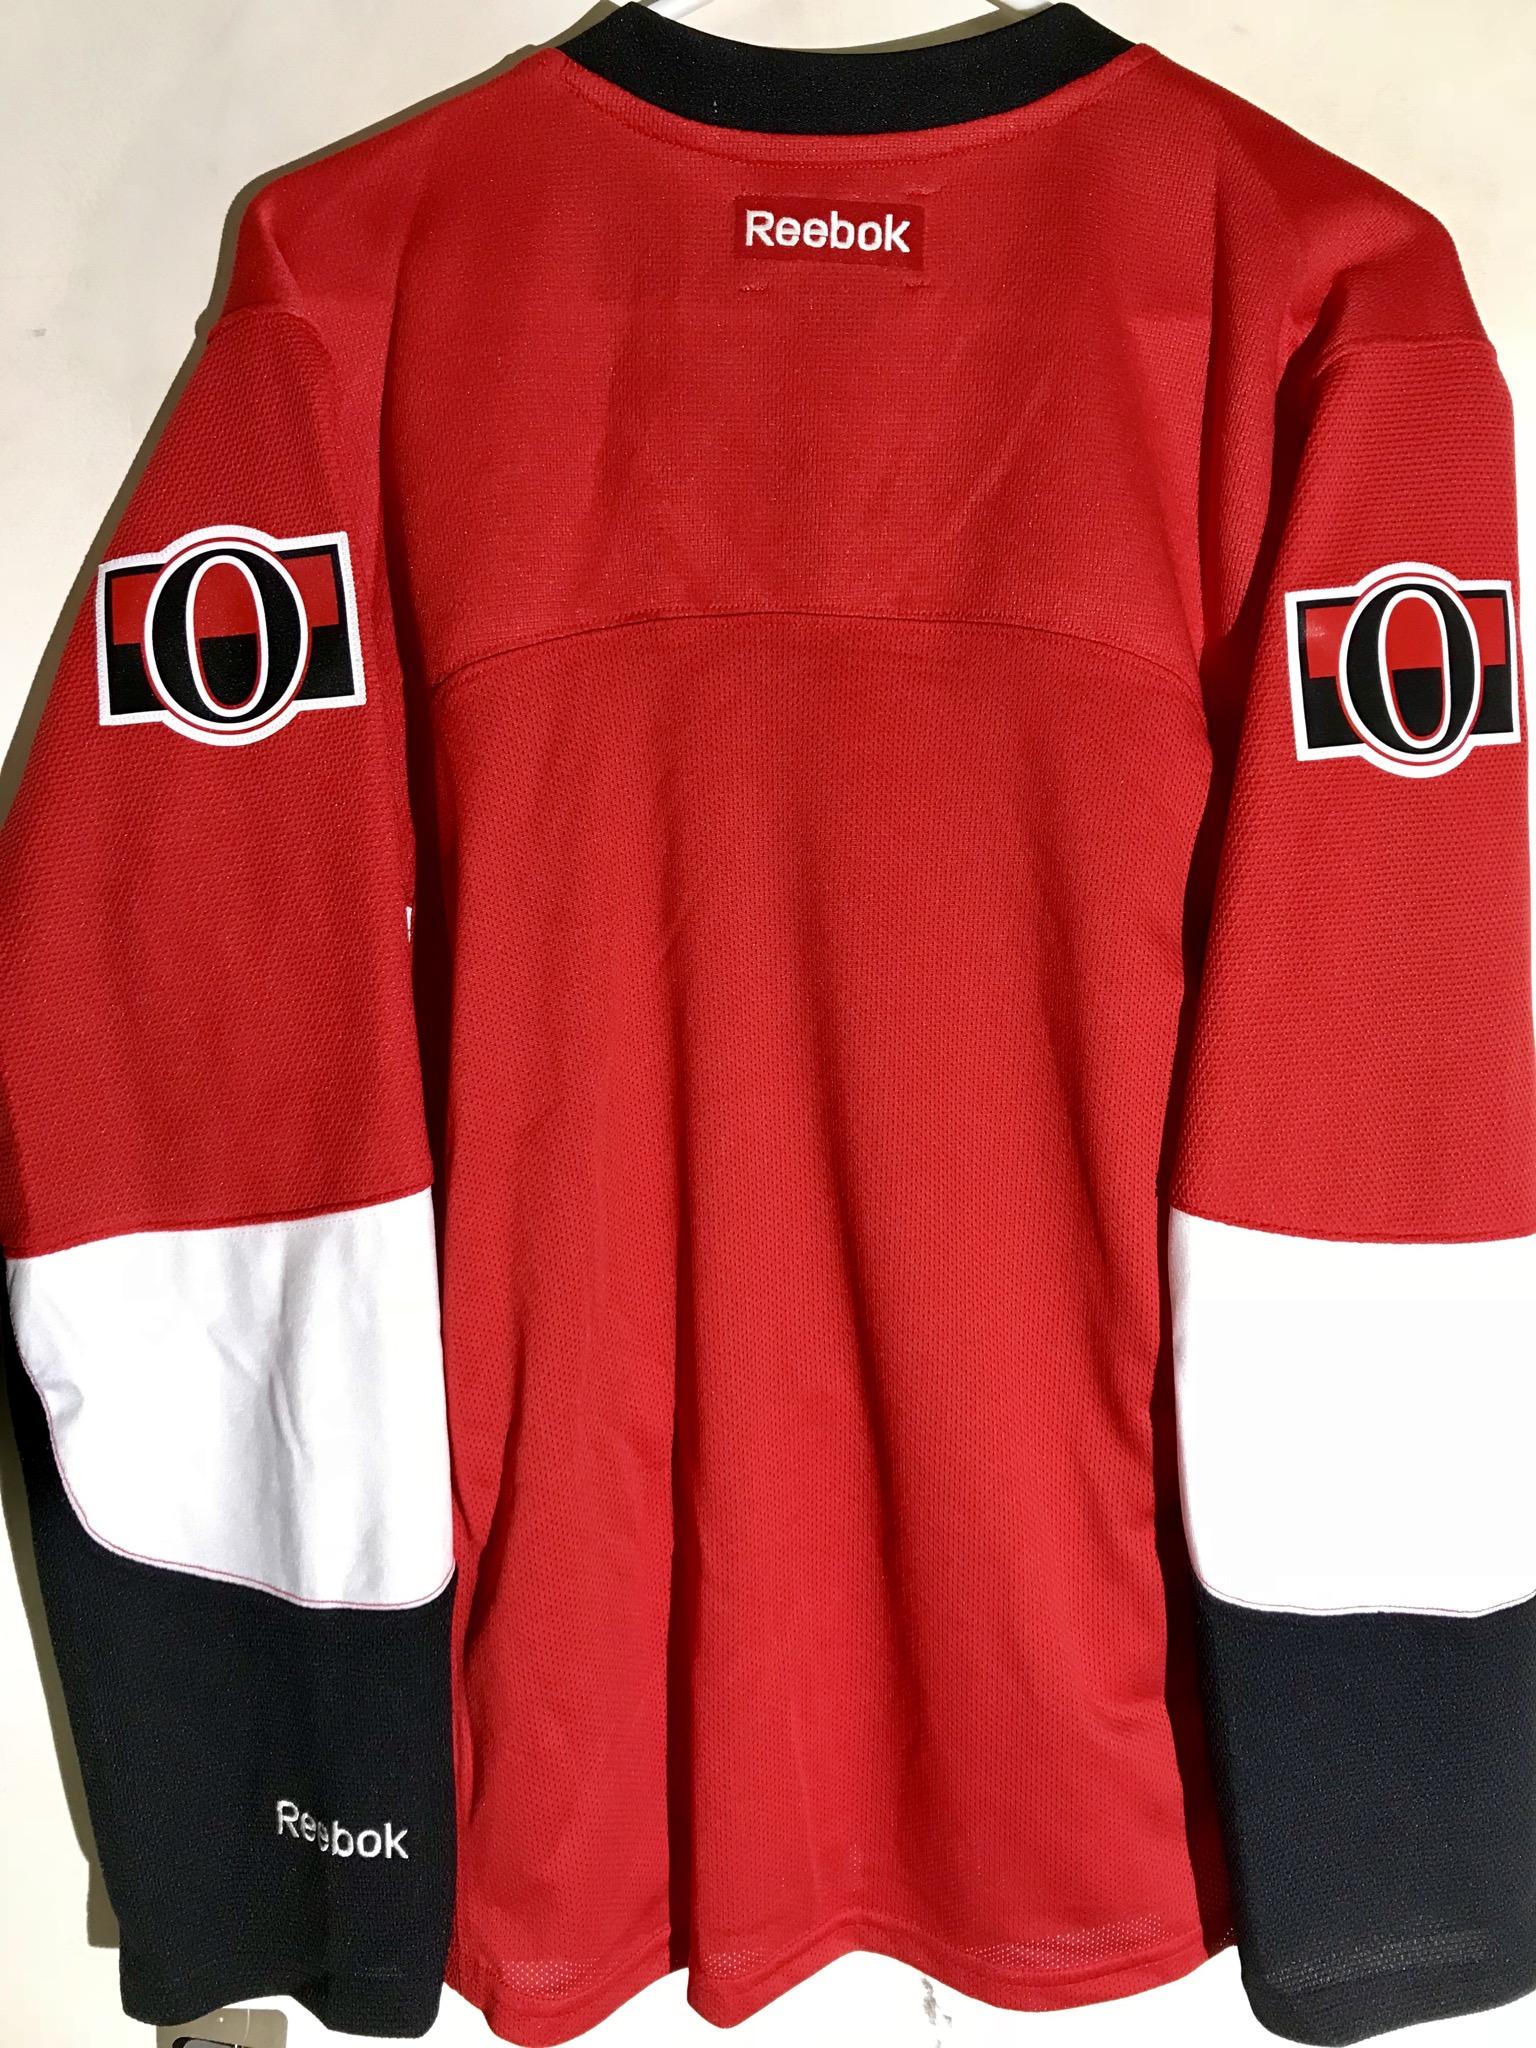 389ddf783fb Reebok Women s Premier NHL Jersey Ottawa Senators Team Red sz L